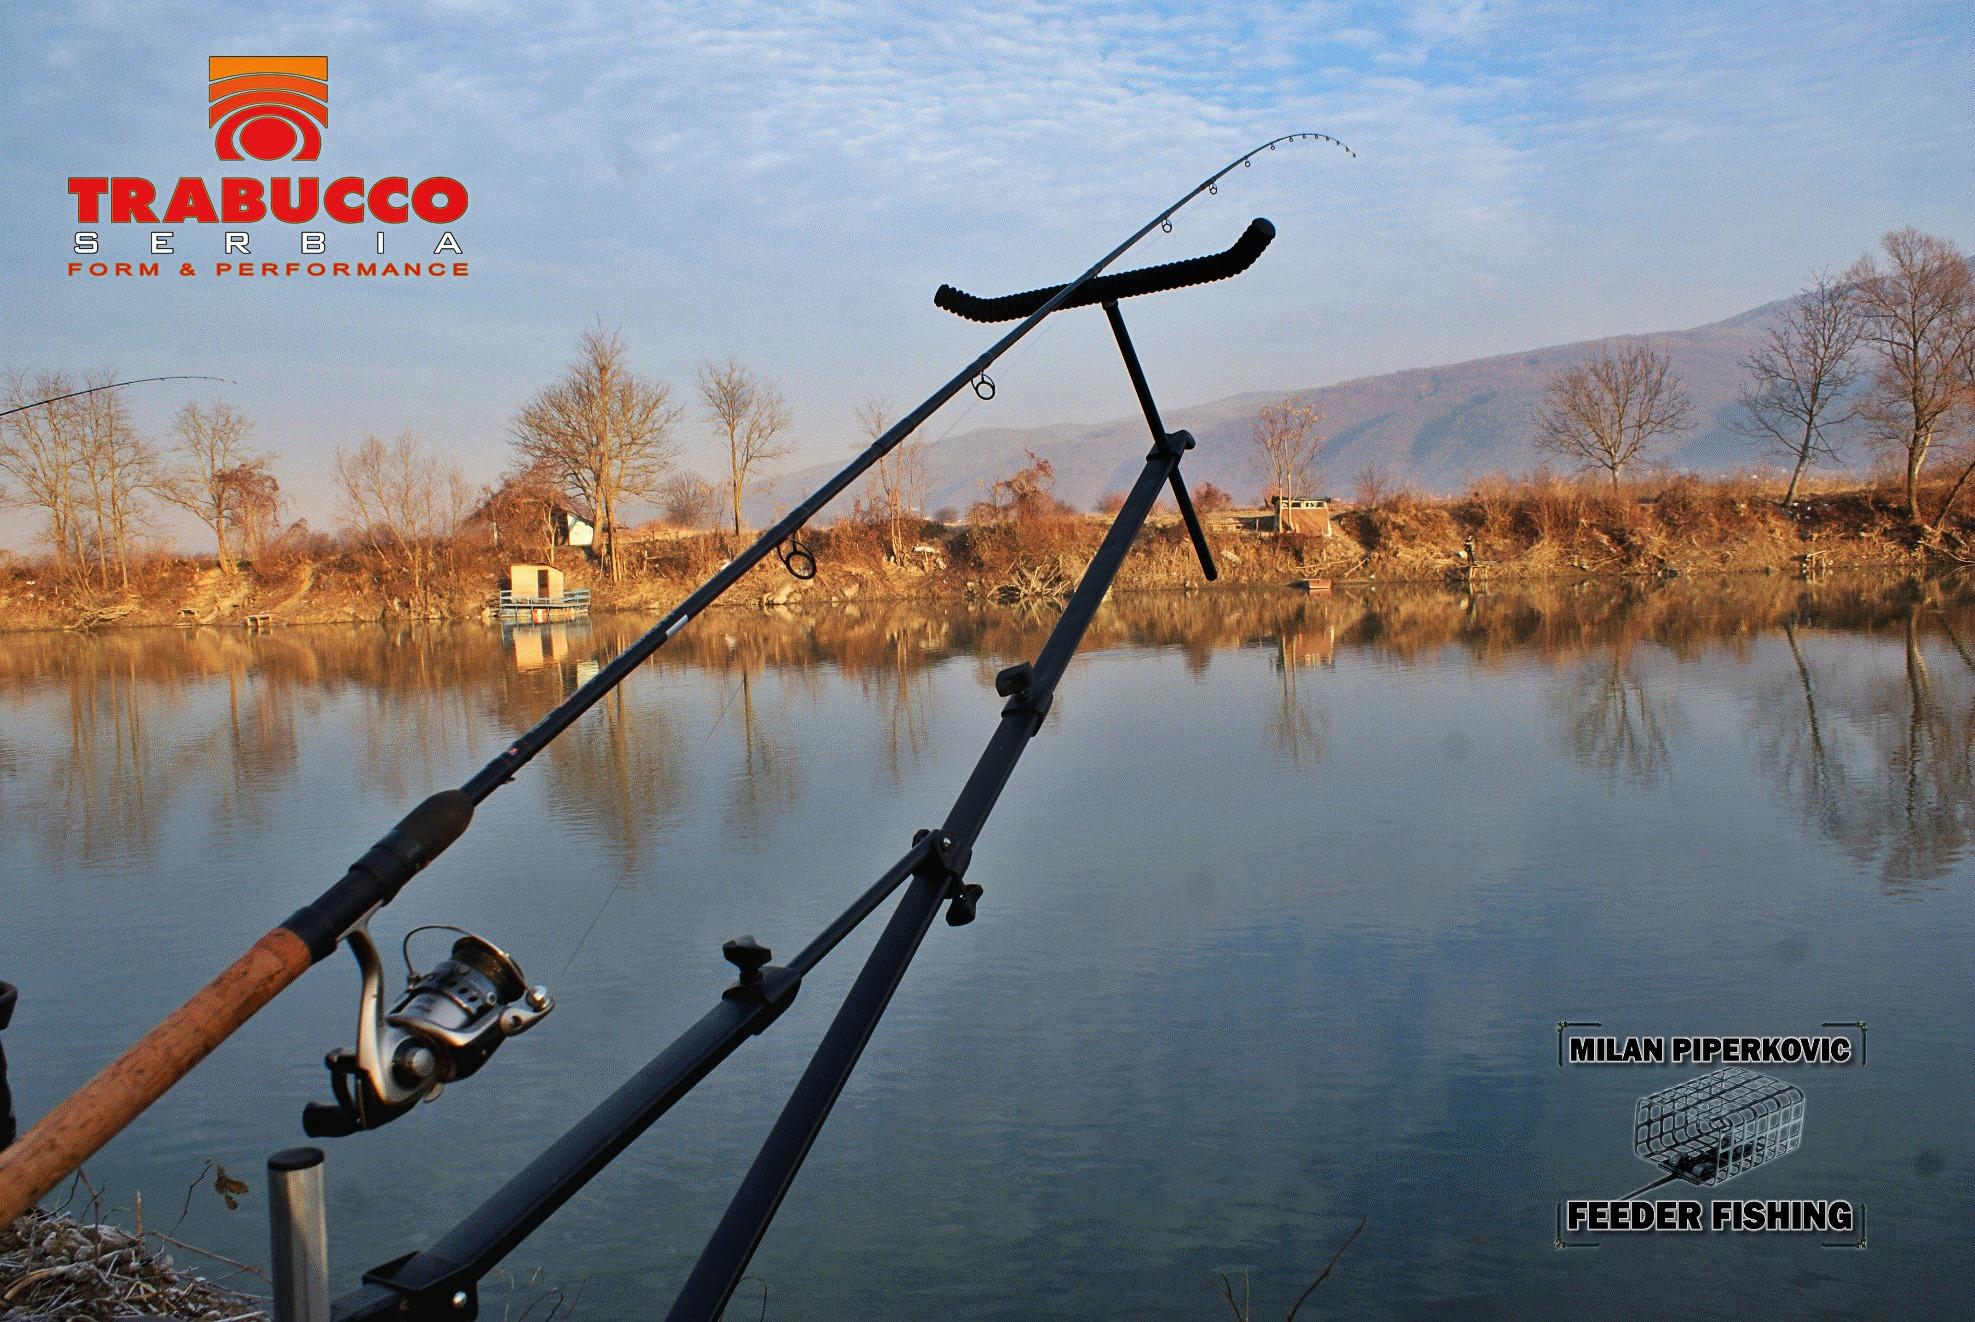 Položaji feeder štapa na stajaćim i tekućim vodama